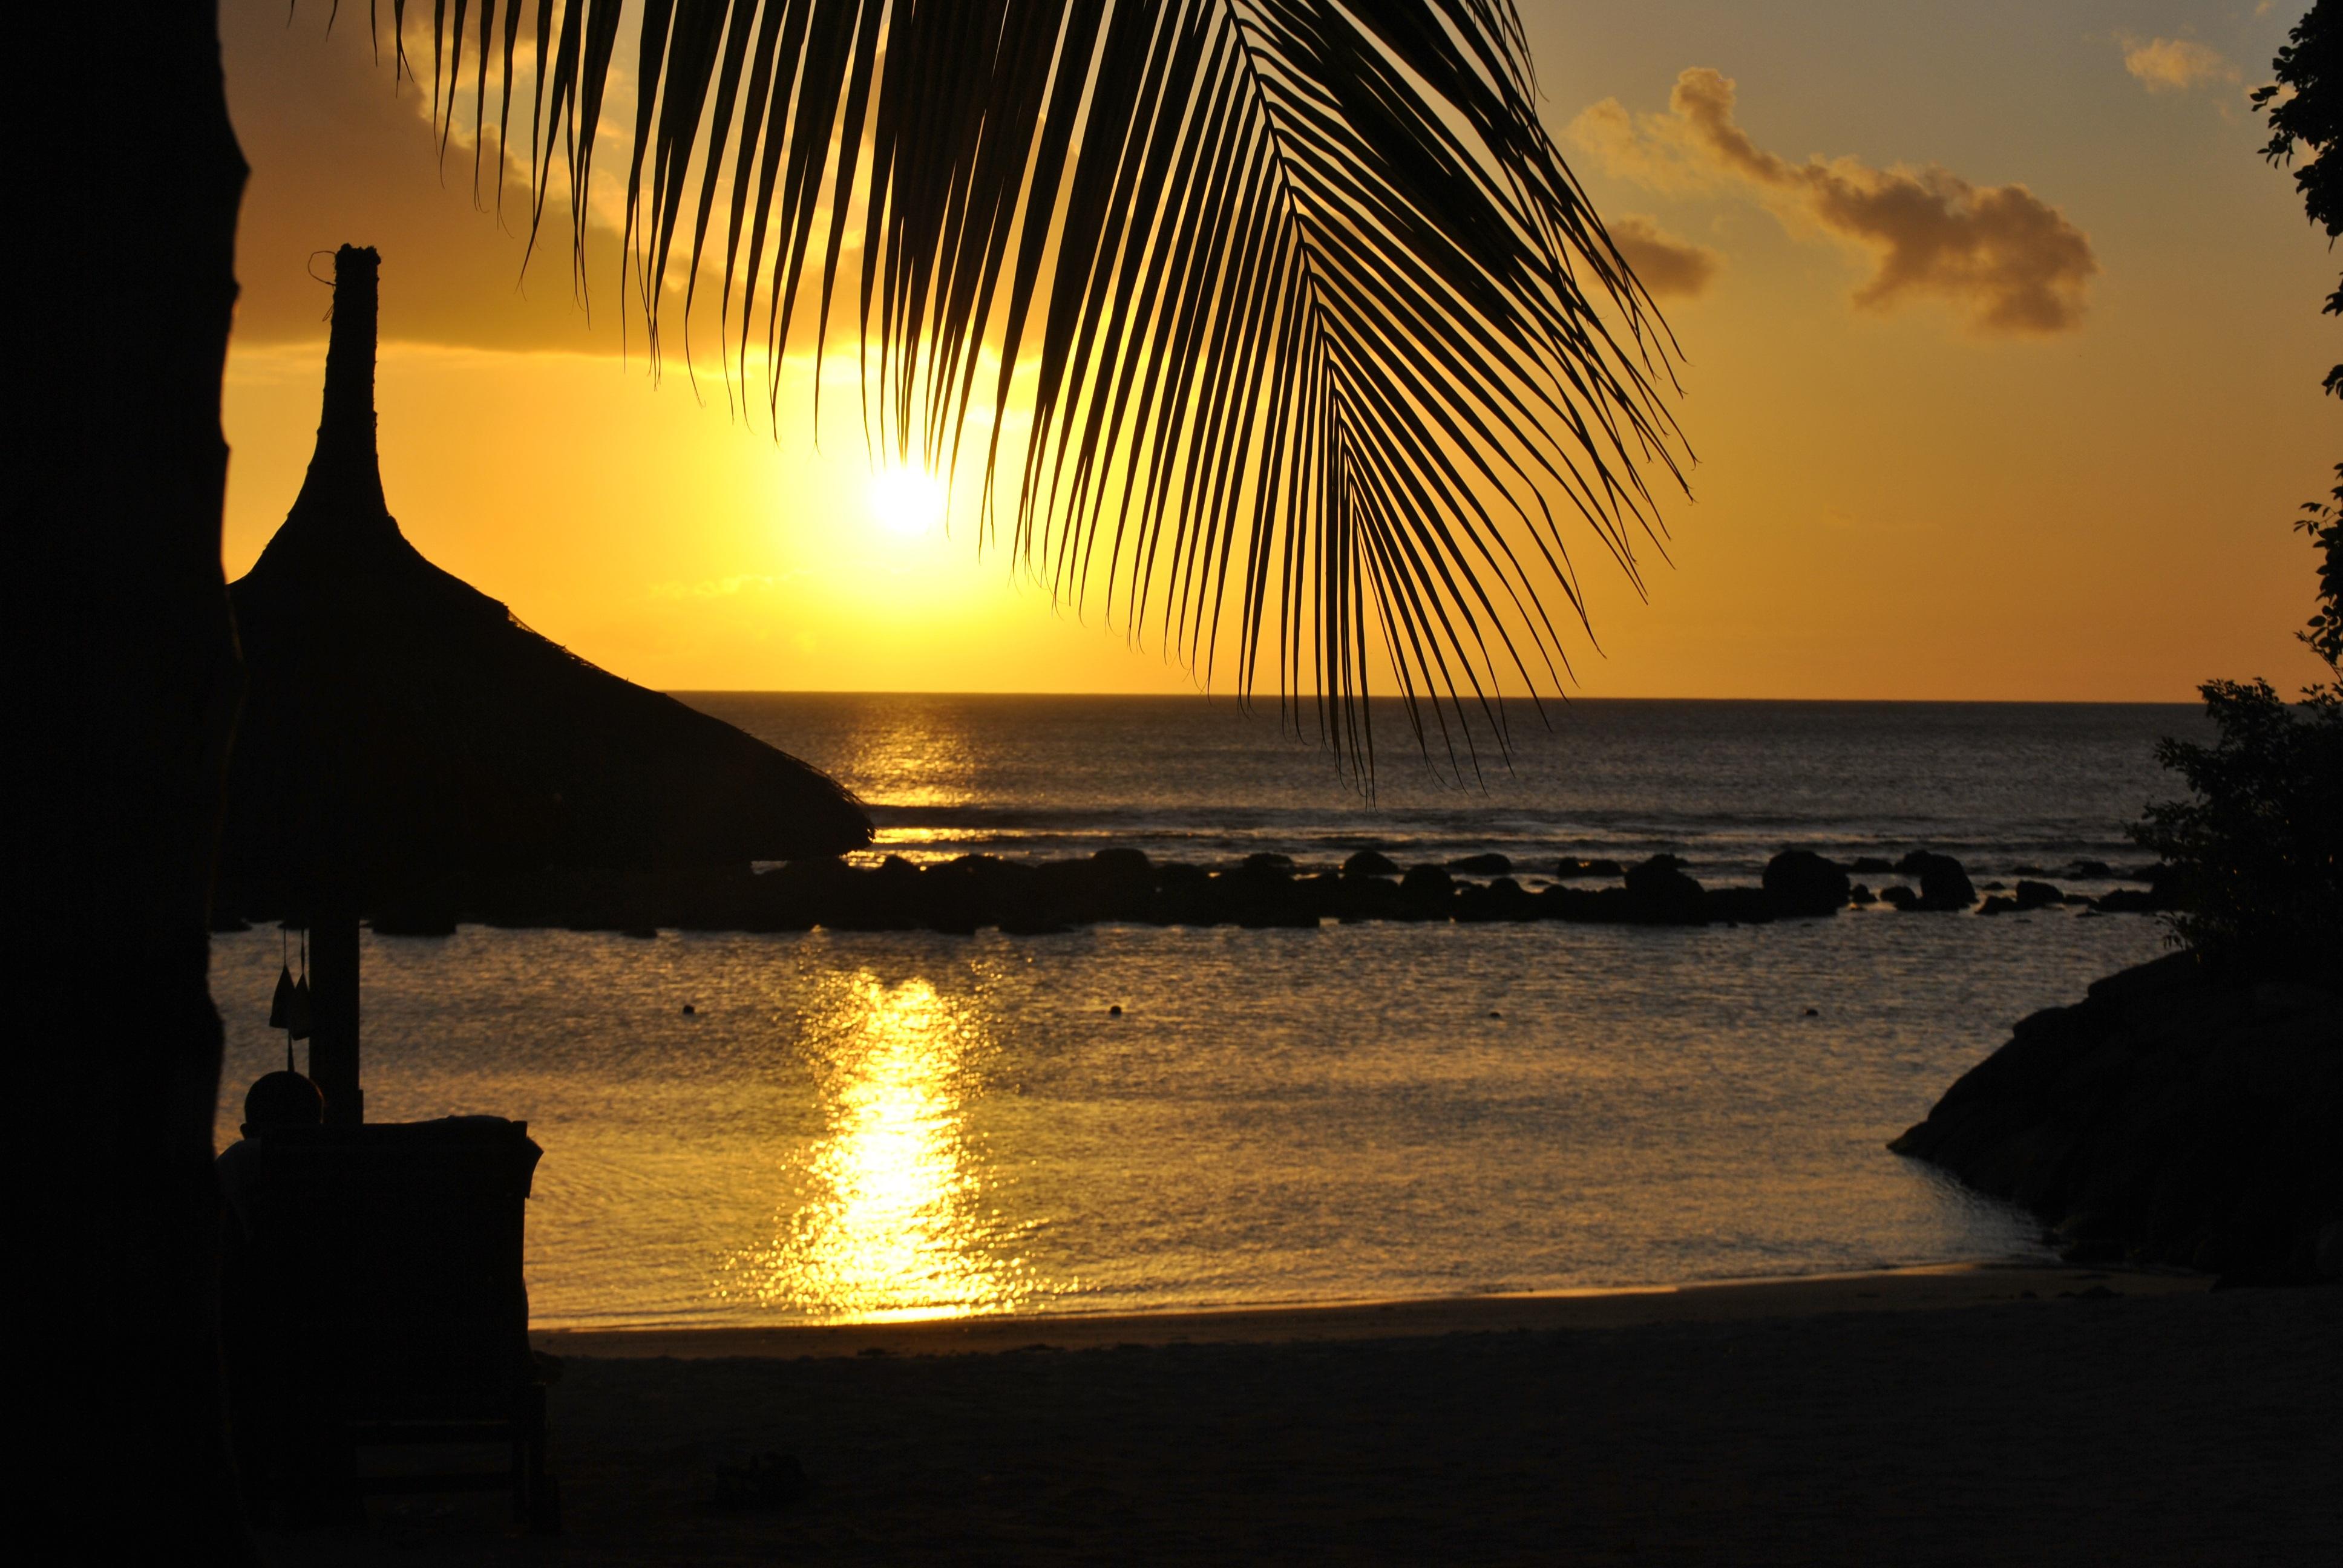 картинки море пляж ночь прочный материал